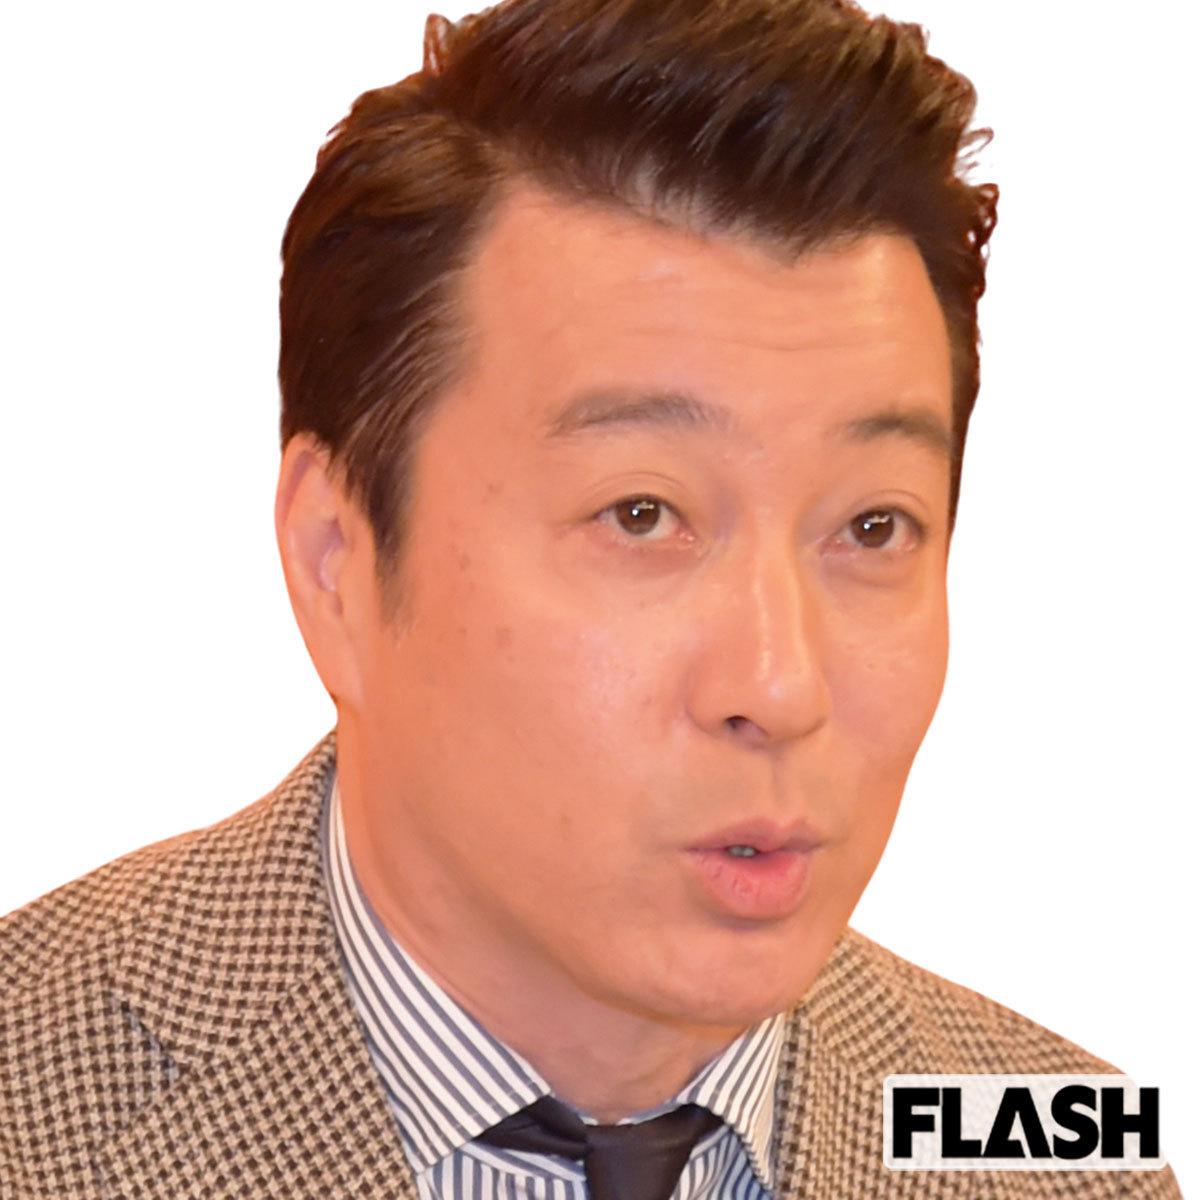 【携帯番号が流出】加藤浩次、携帯番号が流出して20万人から電話「NTTからとんでもなく怒られた」